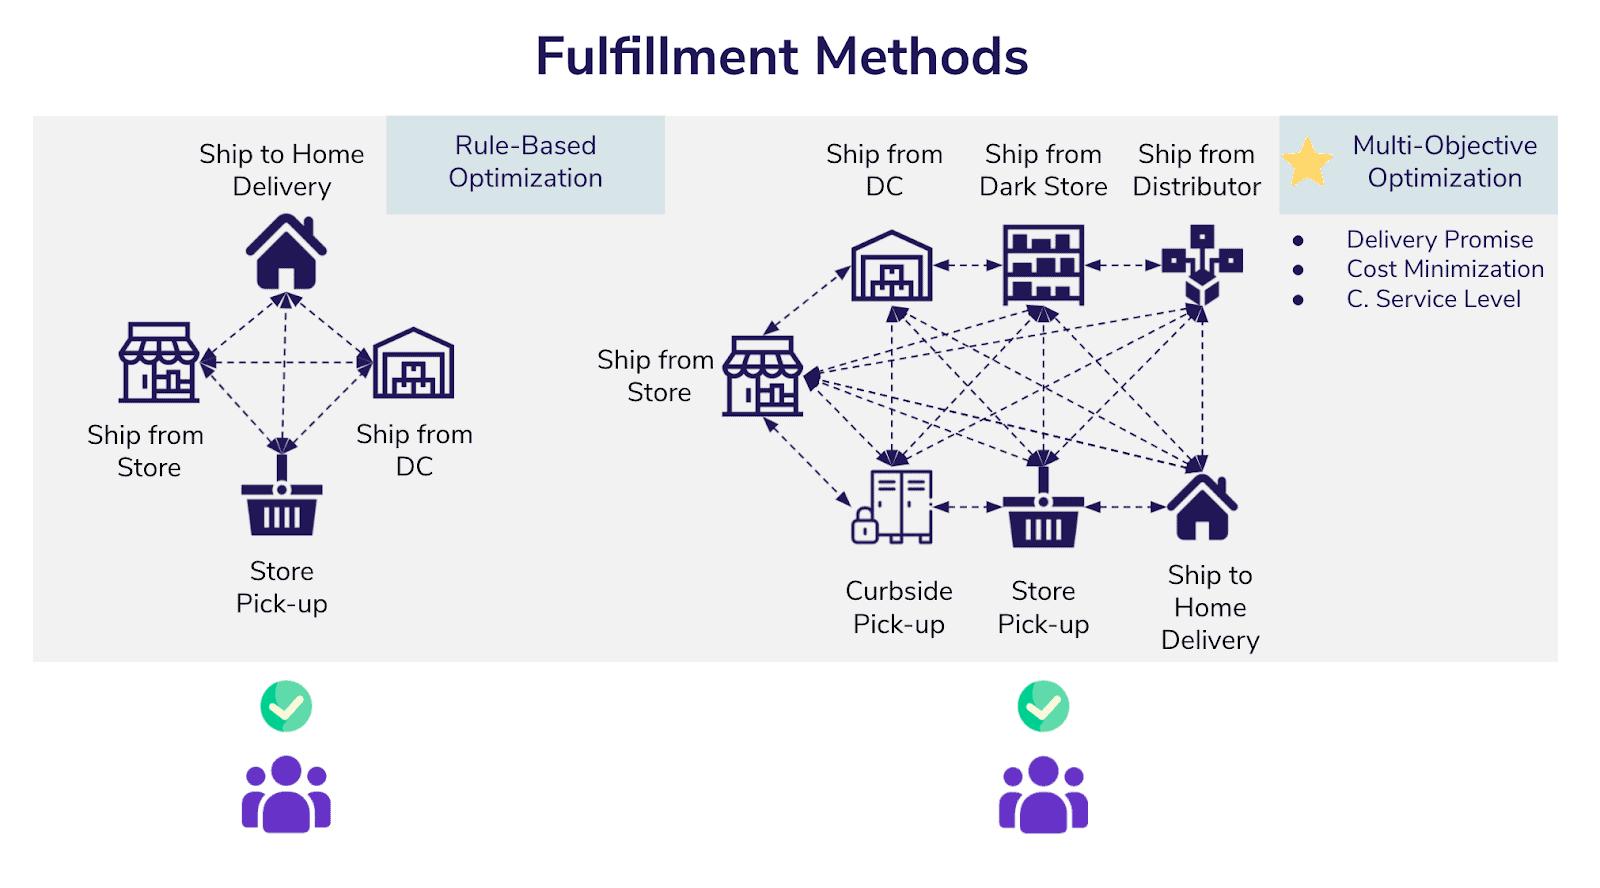 Fulfillment Methods